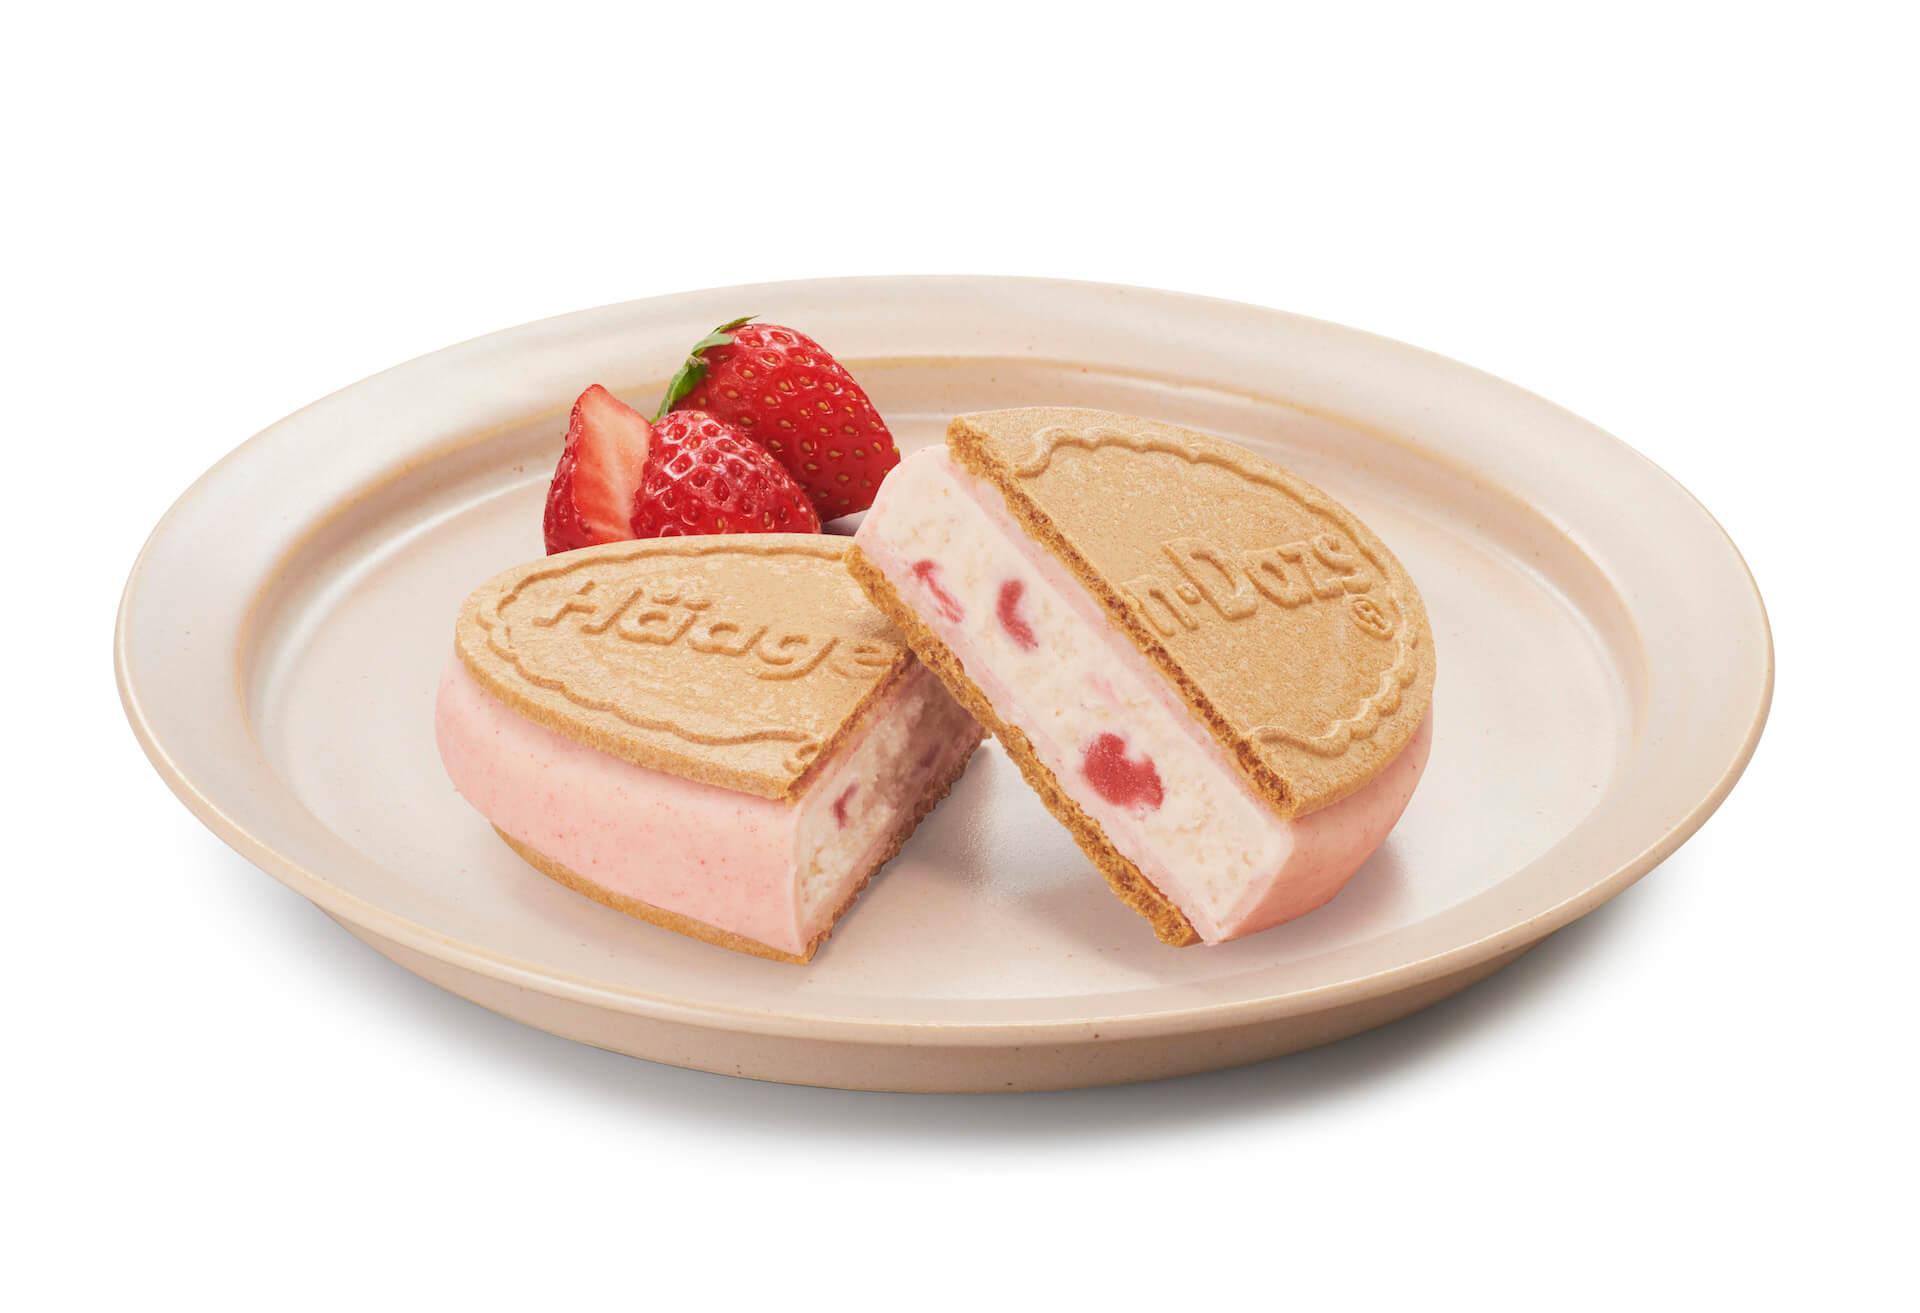 ハーゲンダッツのクリスピーサンドに新フレーバー『スイートストロベリー』が期間限定で登場!ミニカップ『ストロベリー』を使用したアレンジレシピも gourmet210215_haagendazs_strawberry_2